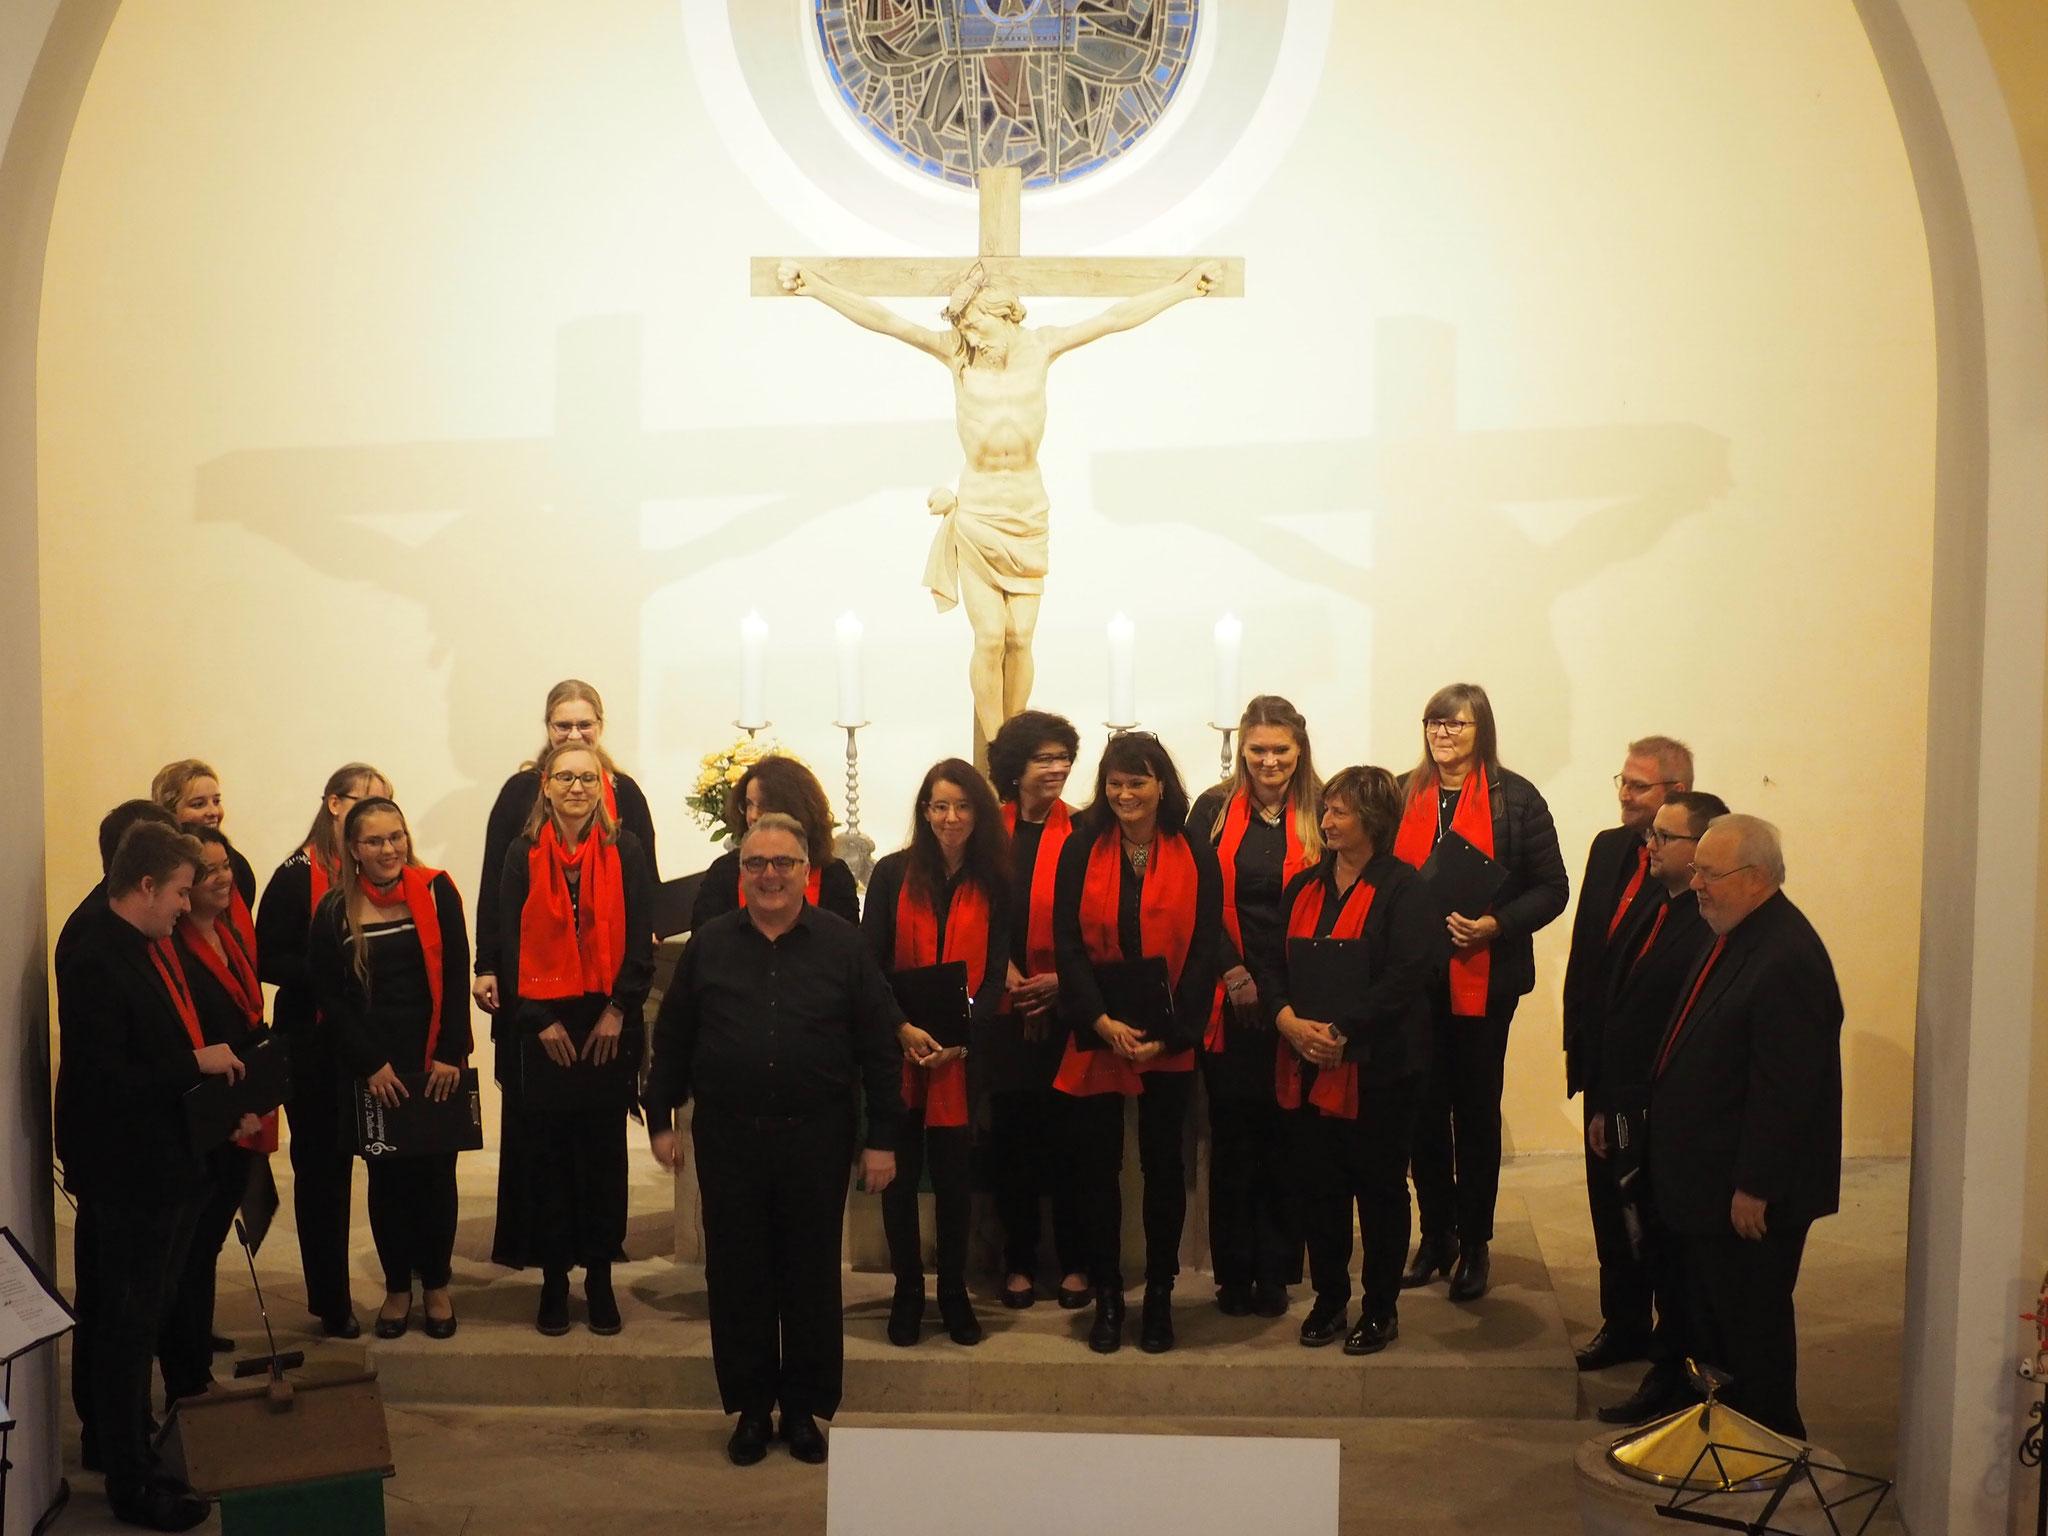 Die Young Voices aus Dalheim mit Chorleiter Uwe Delleer